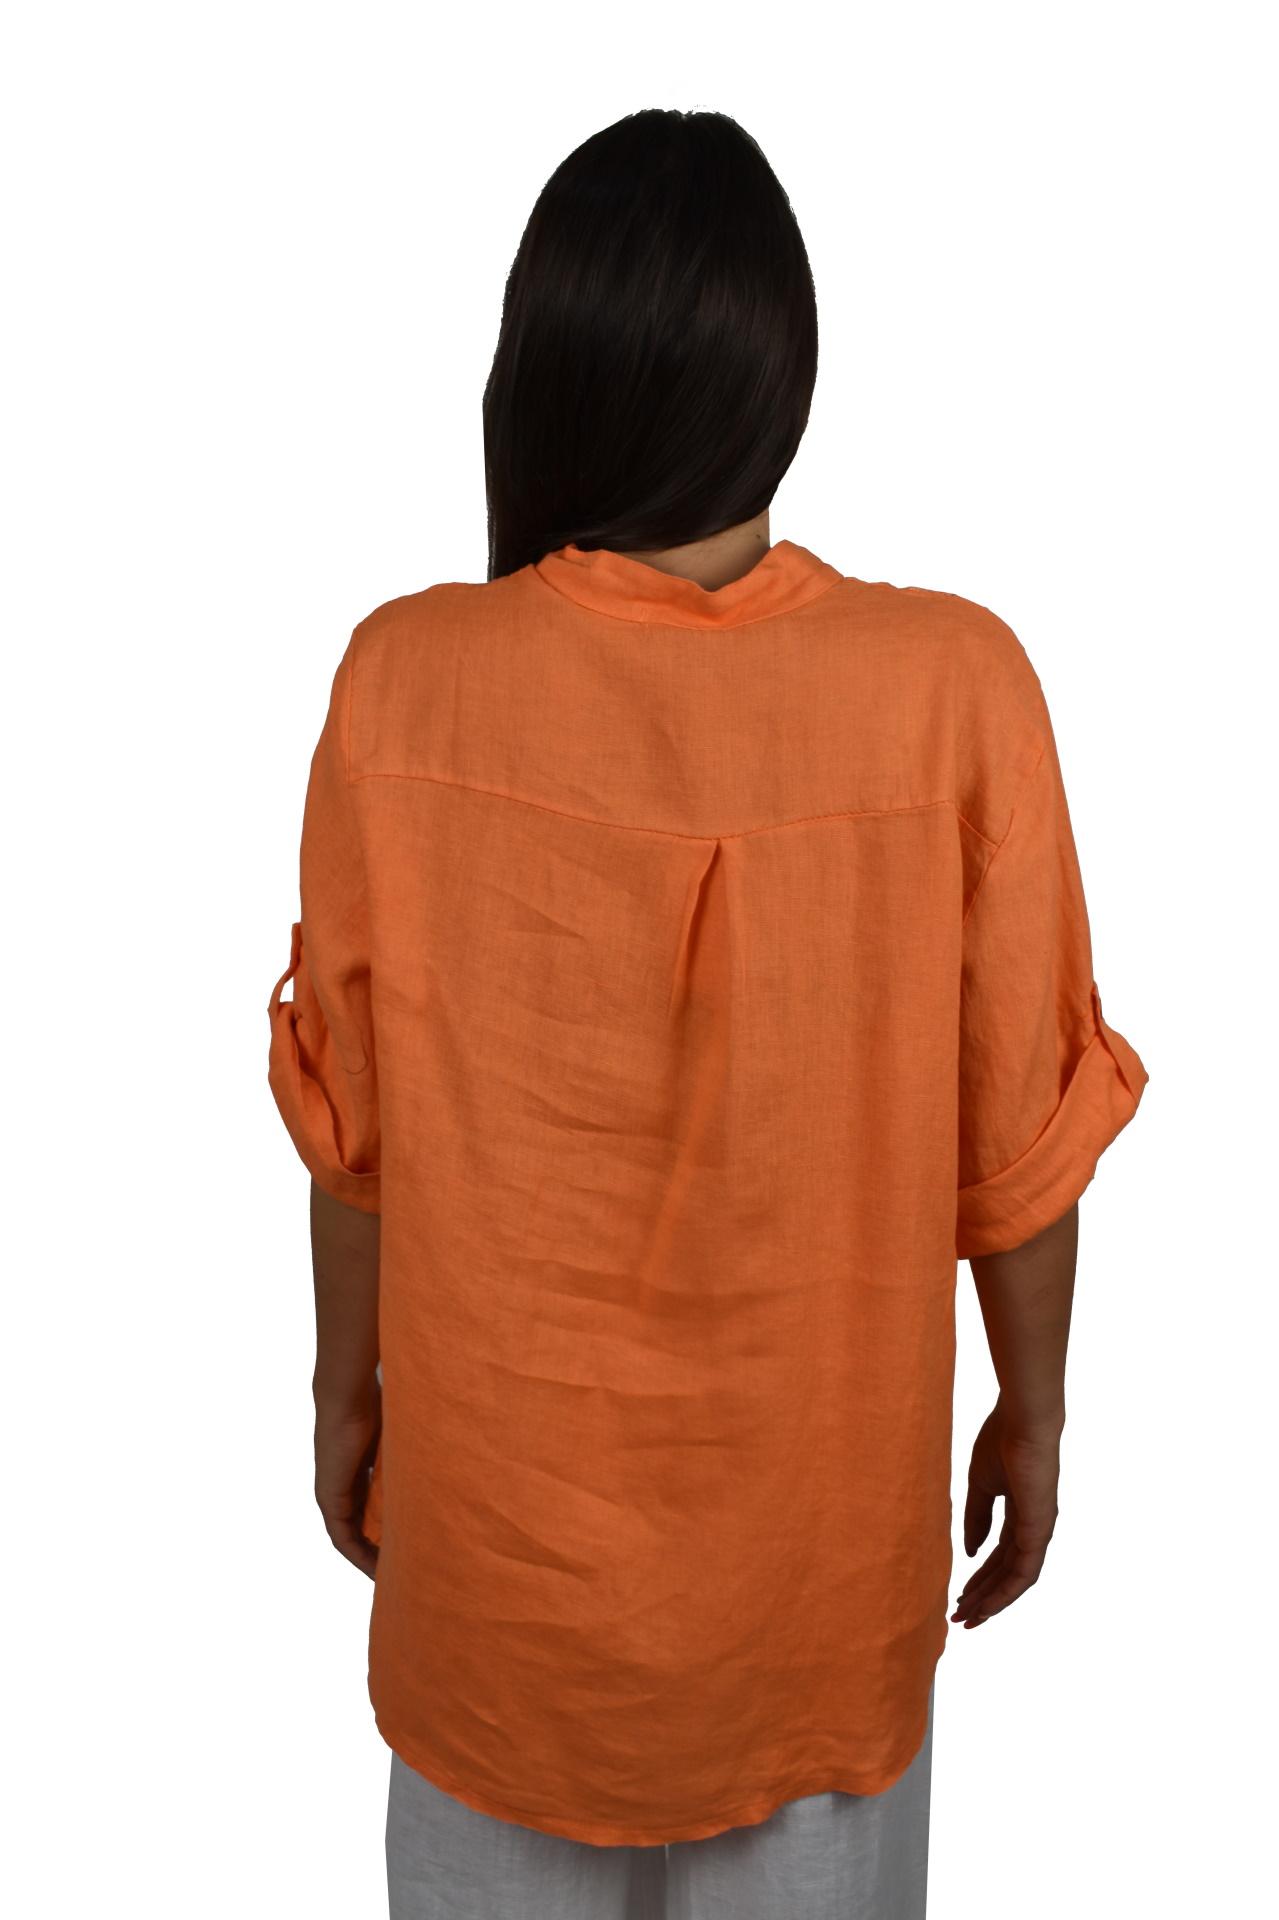 CAMMAXPE2101 ARANCIO CAMICIA DA DONNA MANICA 34 100 LINO 1 1stAmerican camicia manica 3/4 da donna 100% lino Made in Italy - vestito collo a y da spiaggia donna